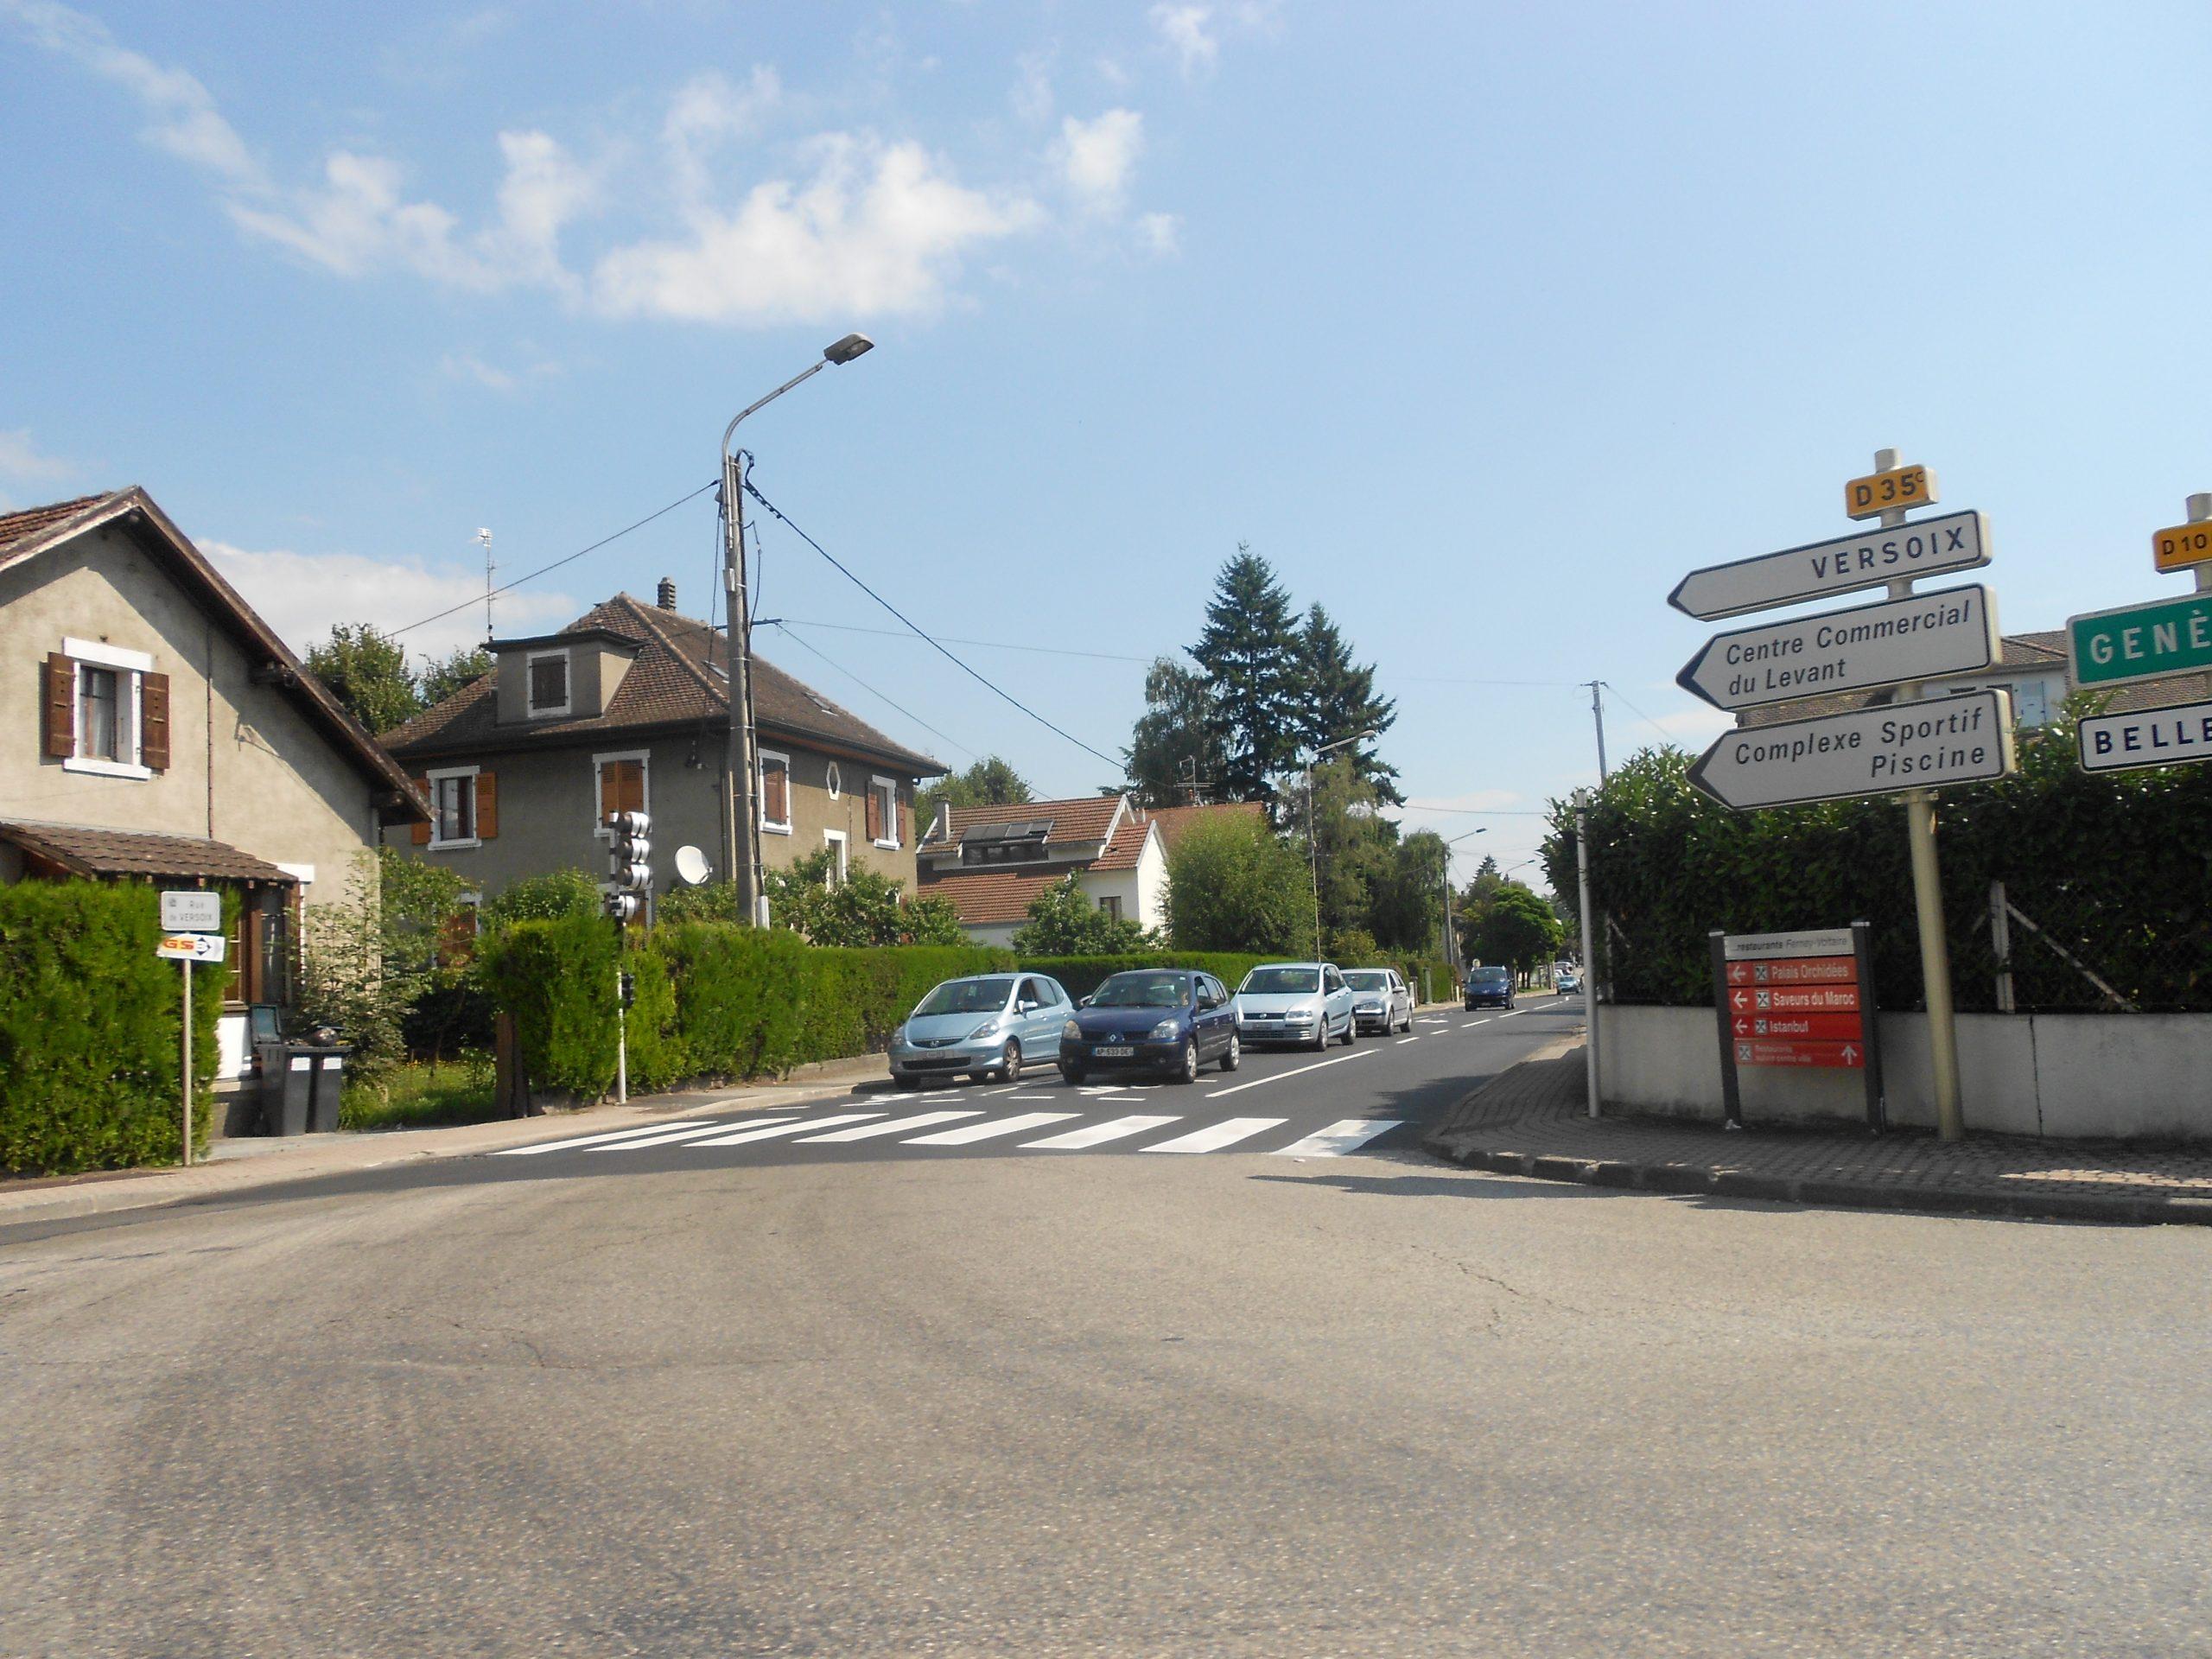 File:cruzamento De Ruas Em Ferney-Voltaire.jpg - Wikimedia ... à Piscine Ferney Voltaire